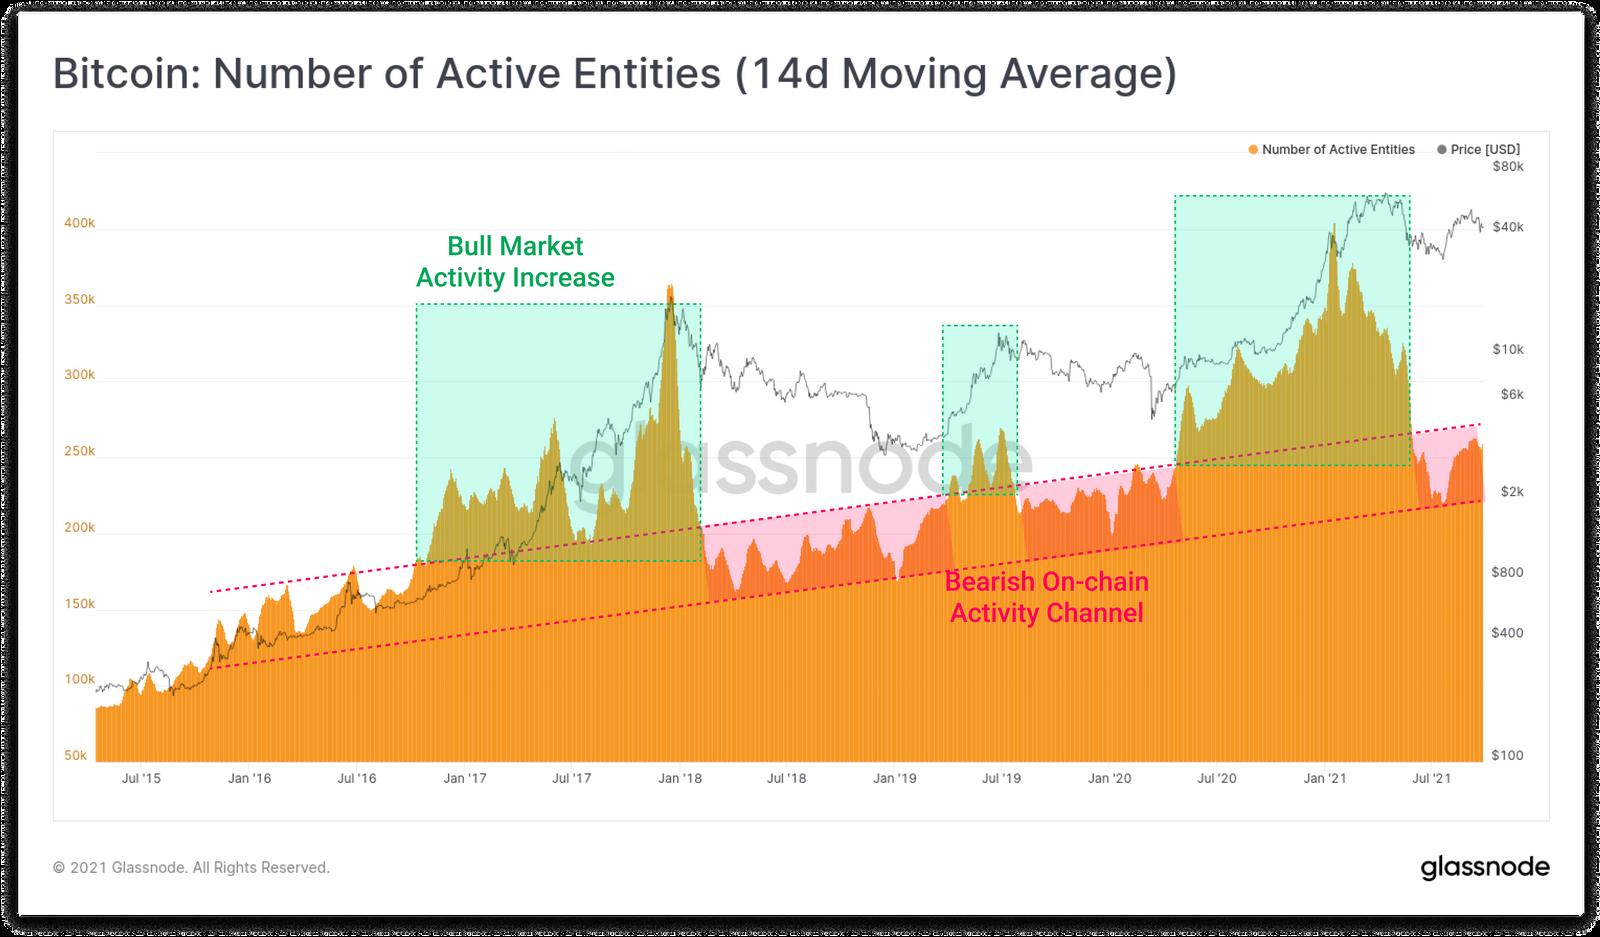 Na rynku bitcoina (BTC) zostali tylko HODL-erzy, twierdzi Glassnode